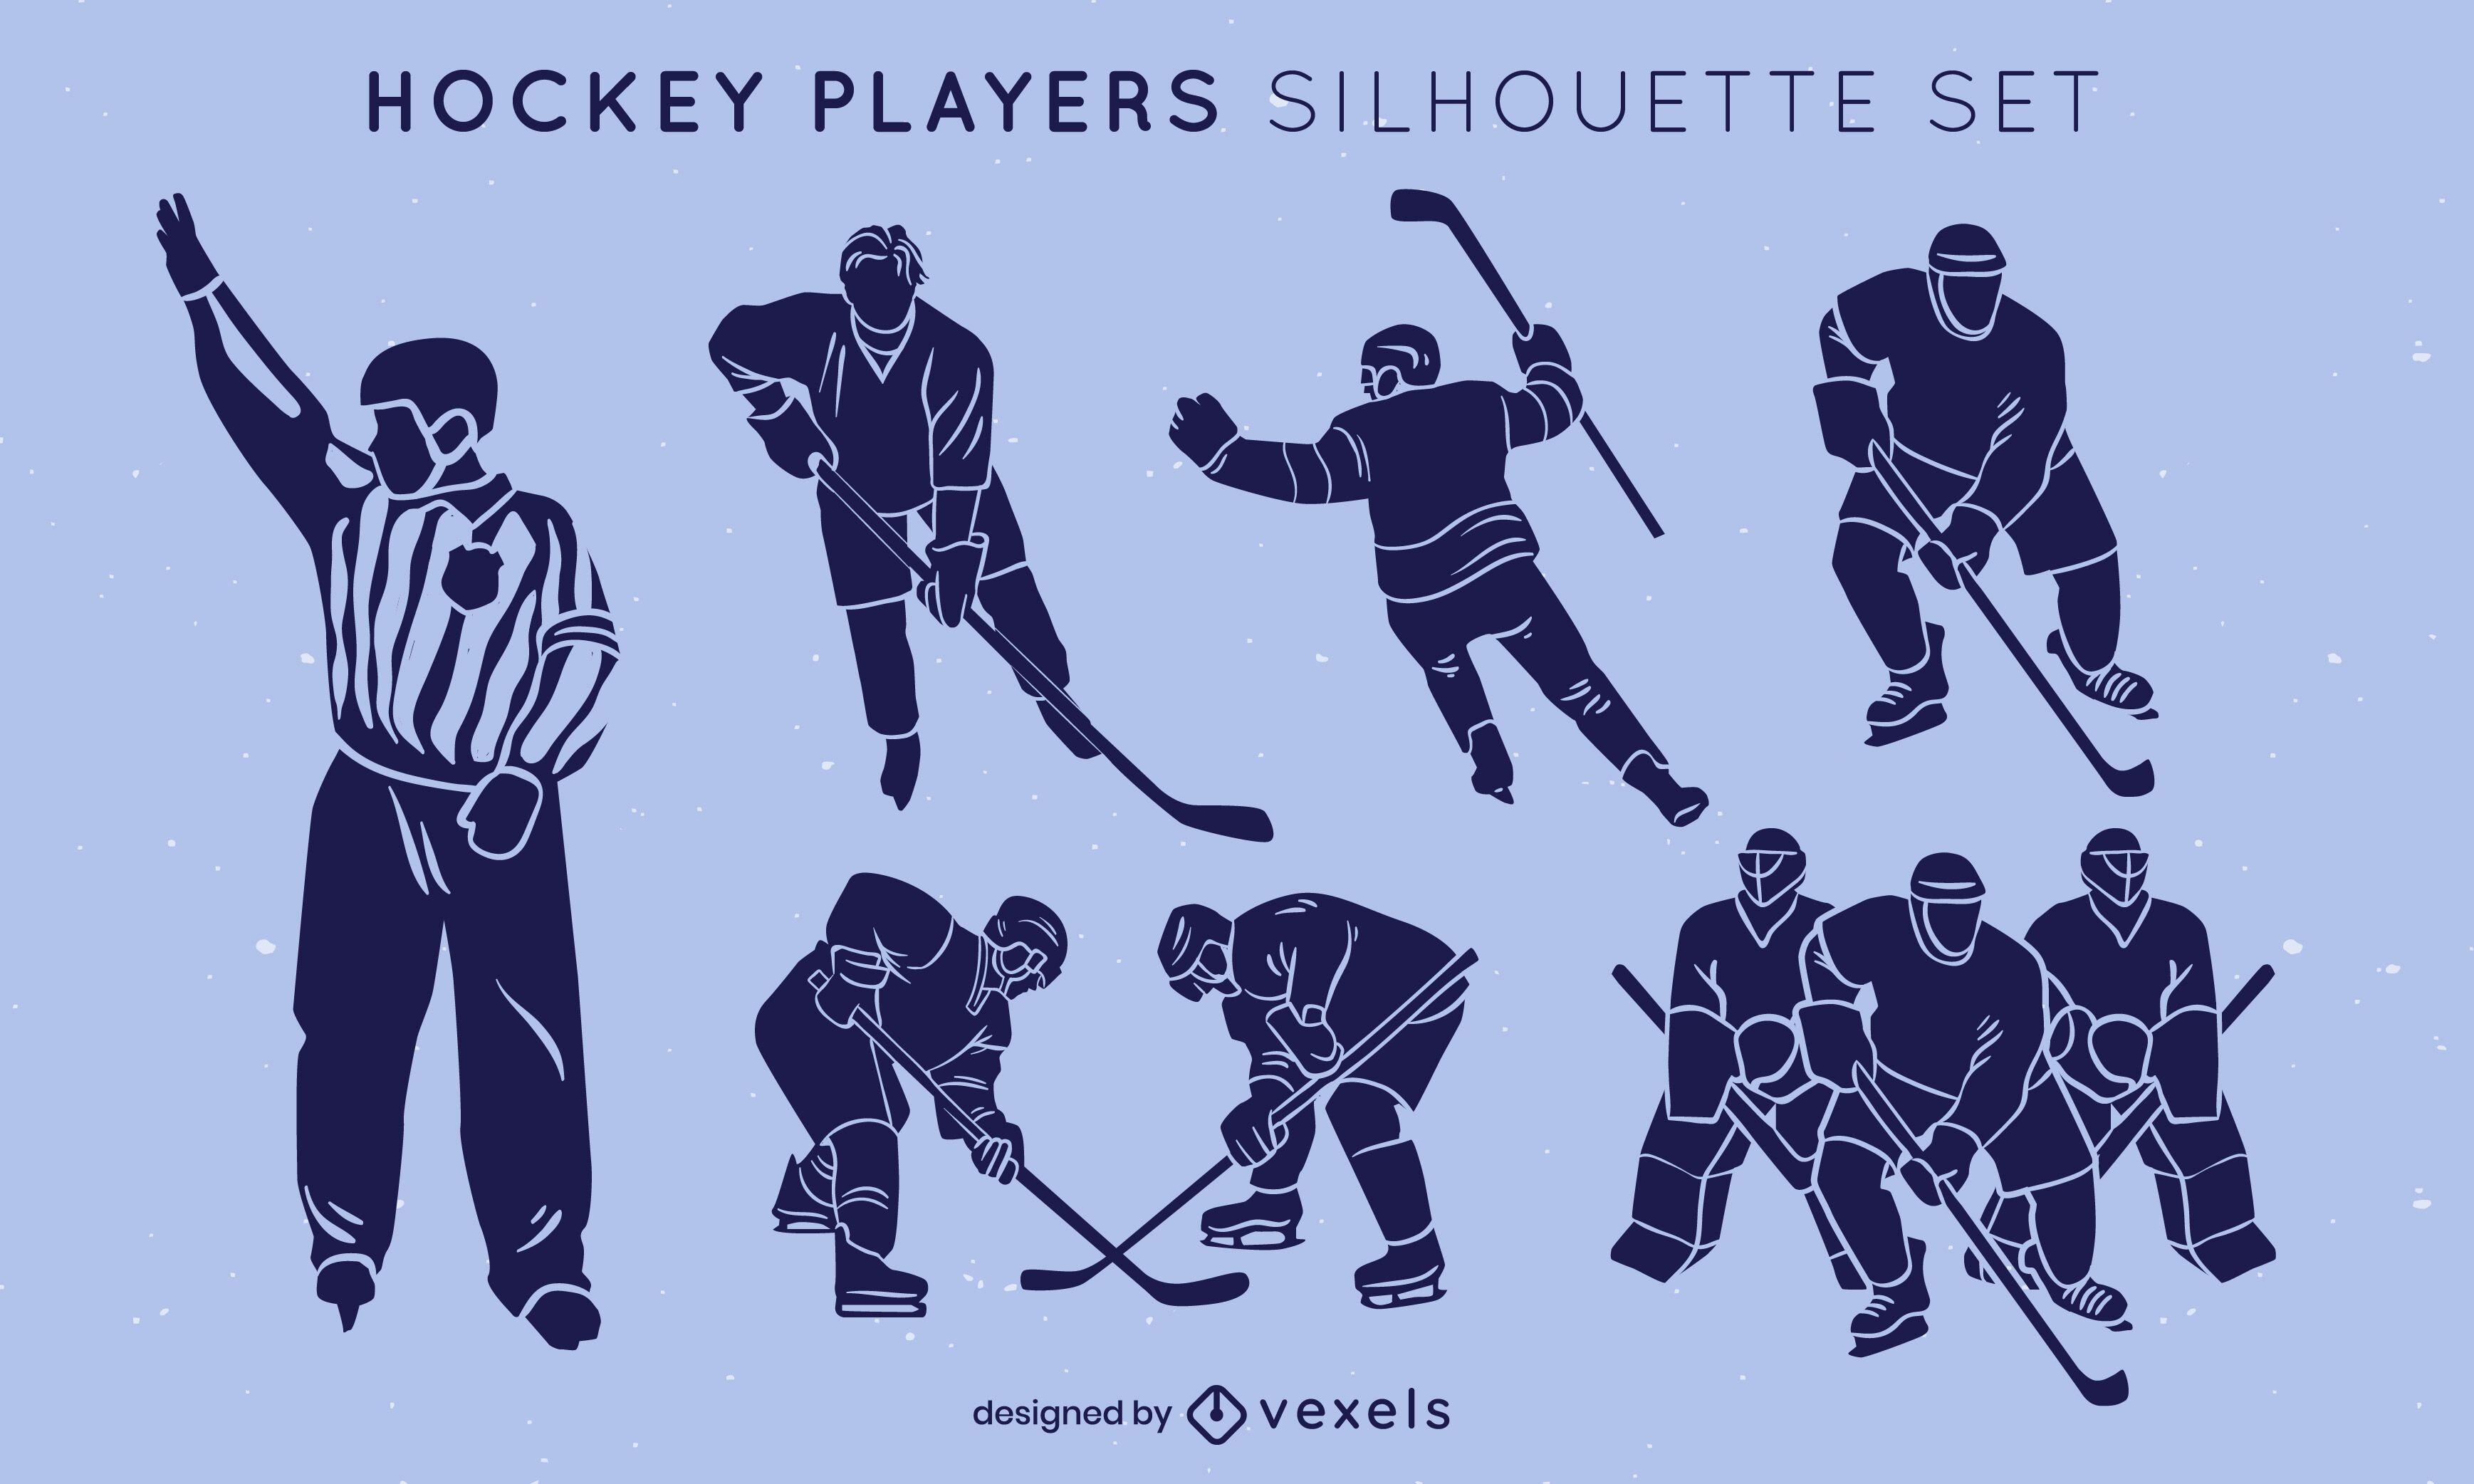 Jugadores de hockey sobre hielo posan conjunto de silueta deportiva